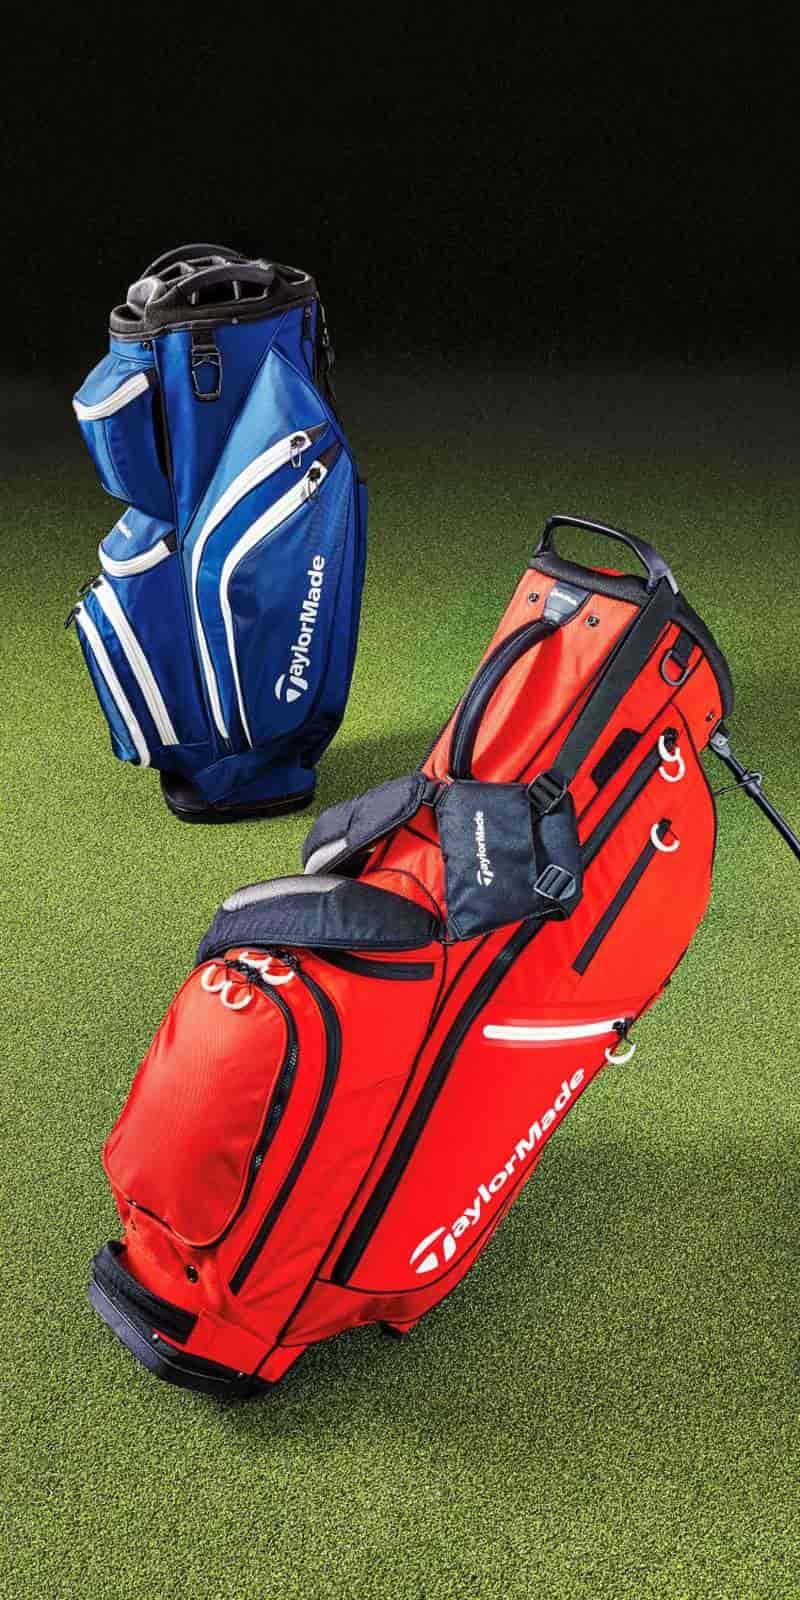 Túi gậy golf Taylormade được nhiều người chơi yêu thích bởi trọng lượng nhẹ nhàng, tiện di chuyển và độ bền